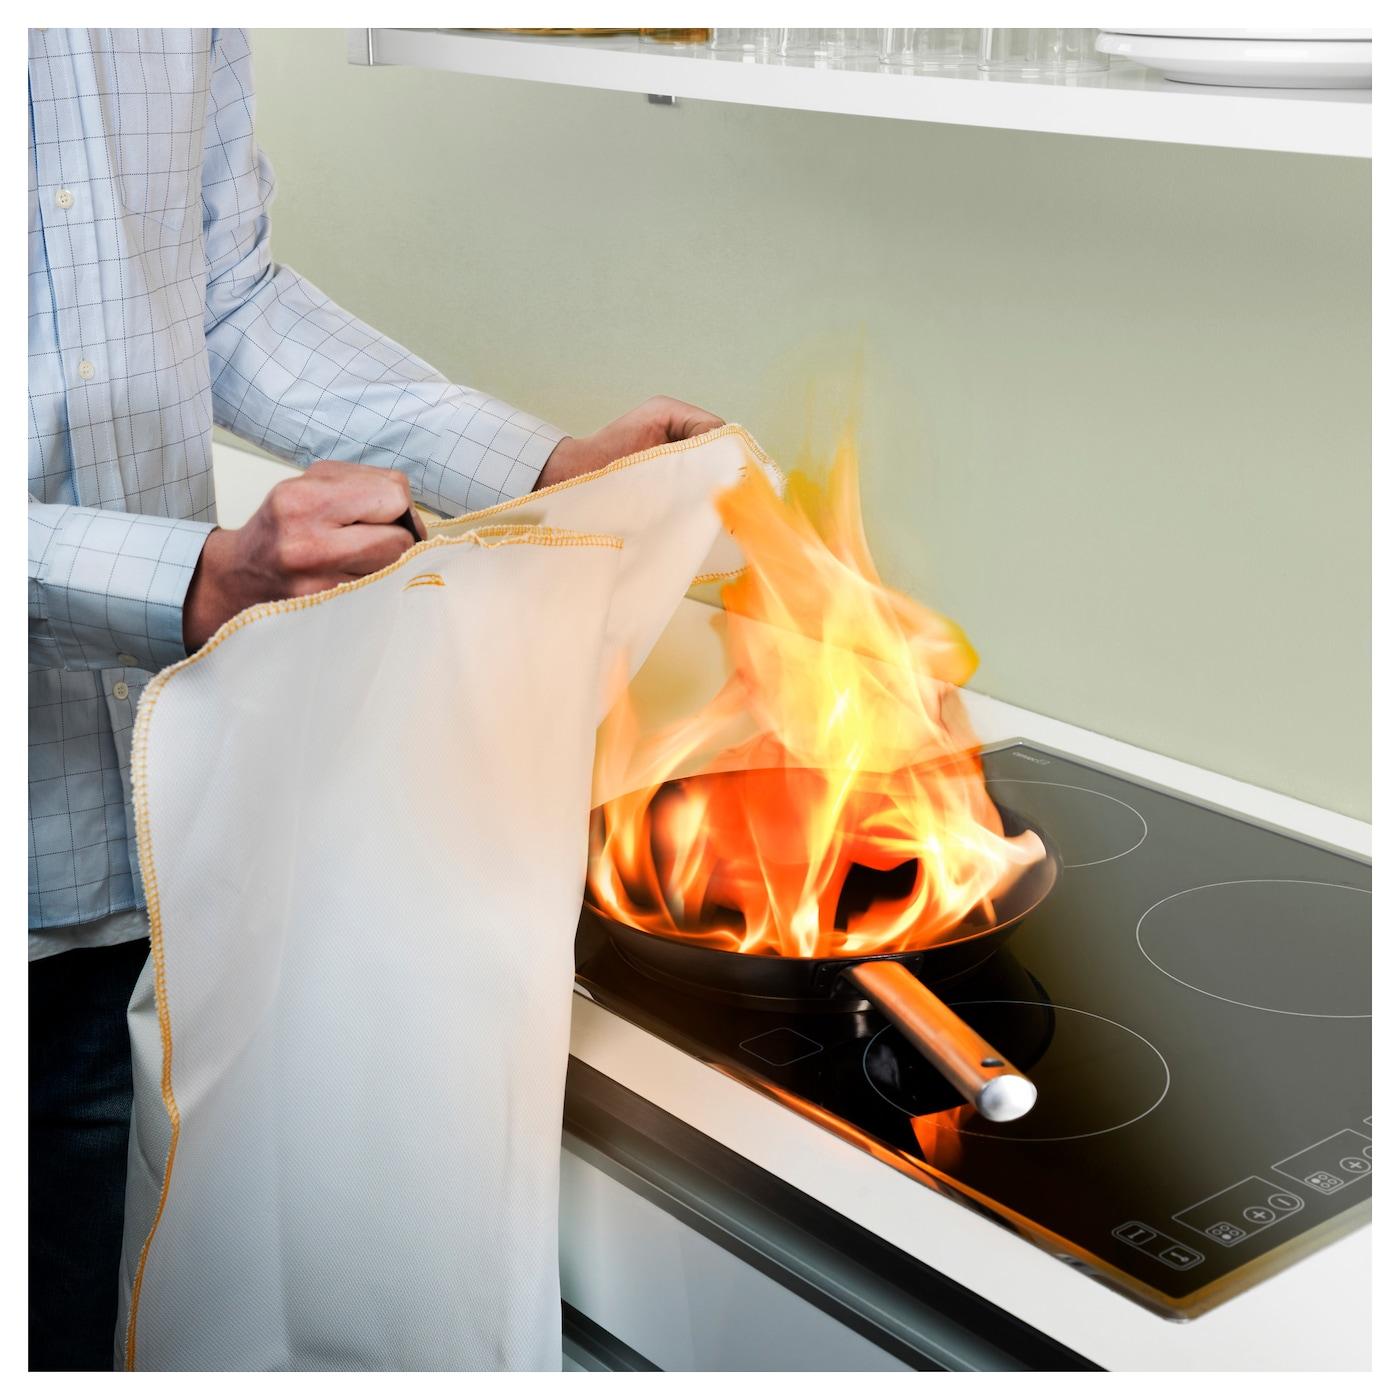 Ikea Domsjo Farmhouse Sink Installation ~ IKEA PATRULL fire blanket